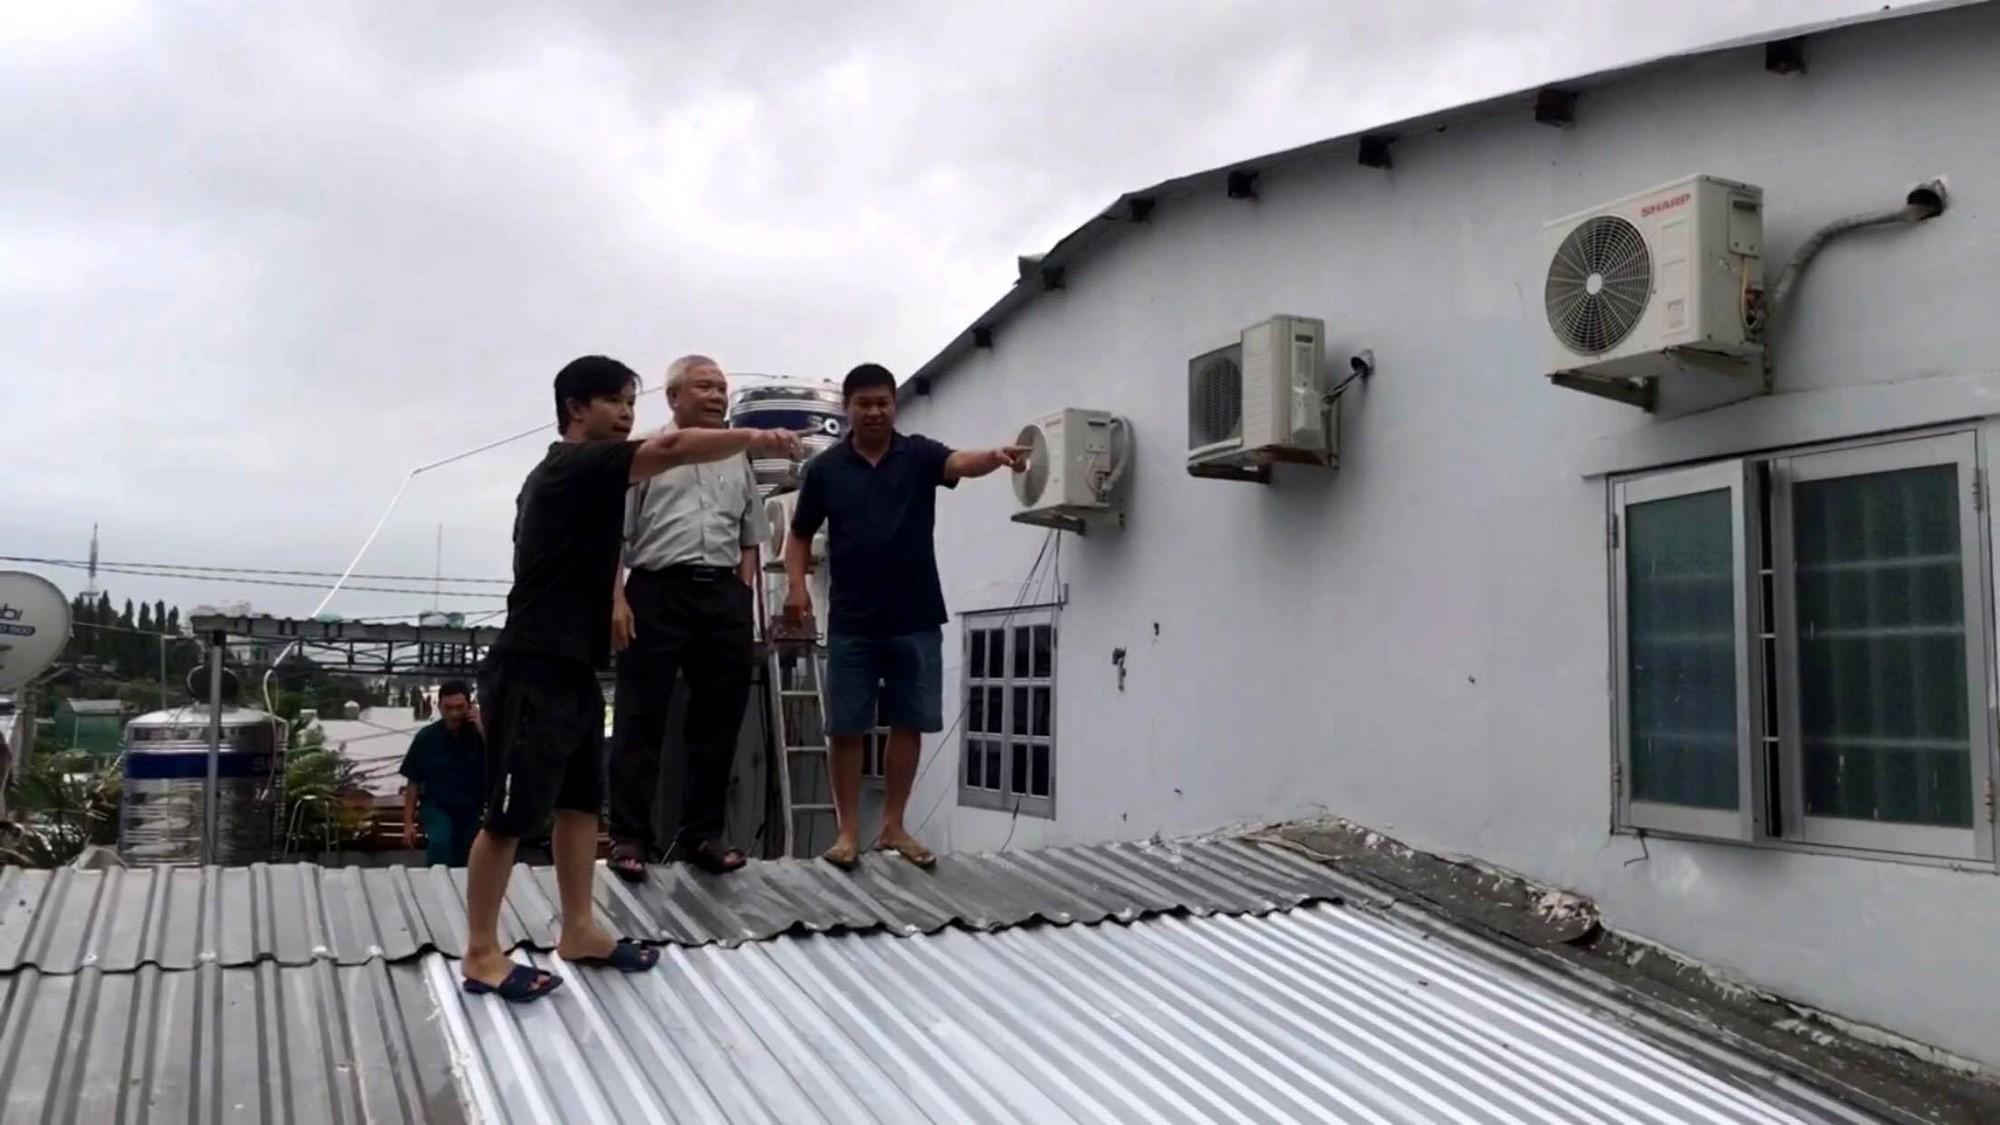 Khánh Hòa lên phương án tháo dỡ tường chắn dự án Marina Hill uy hiếp nhà dân - Ảnh 2.